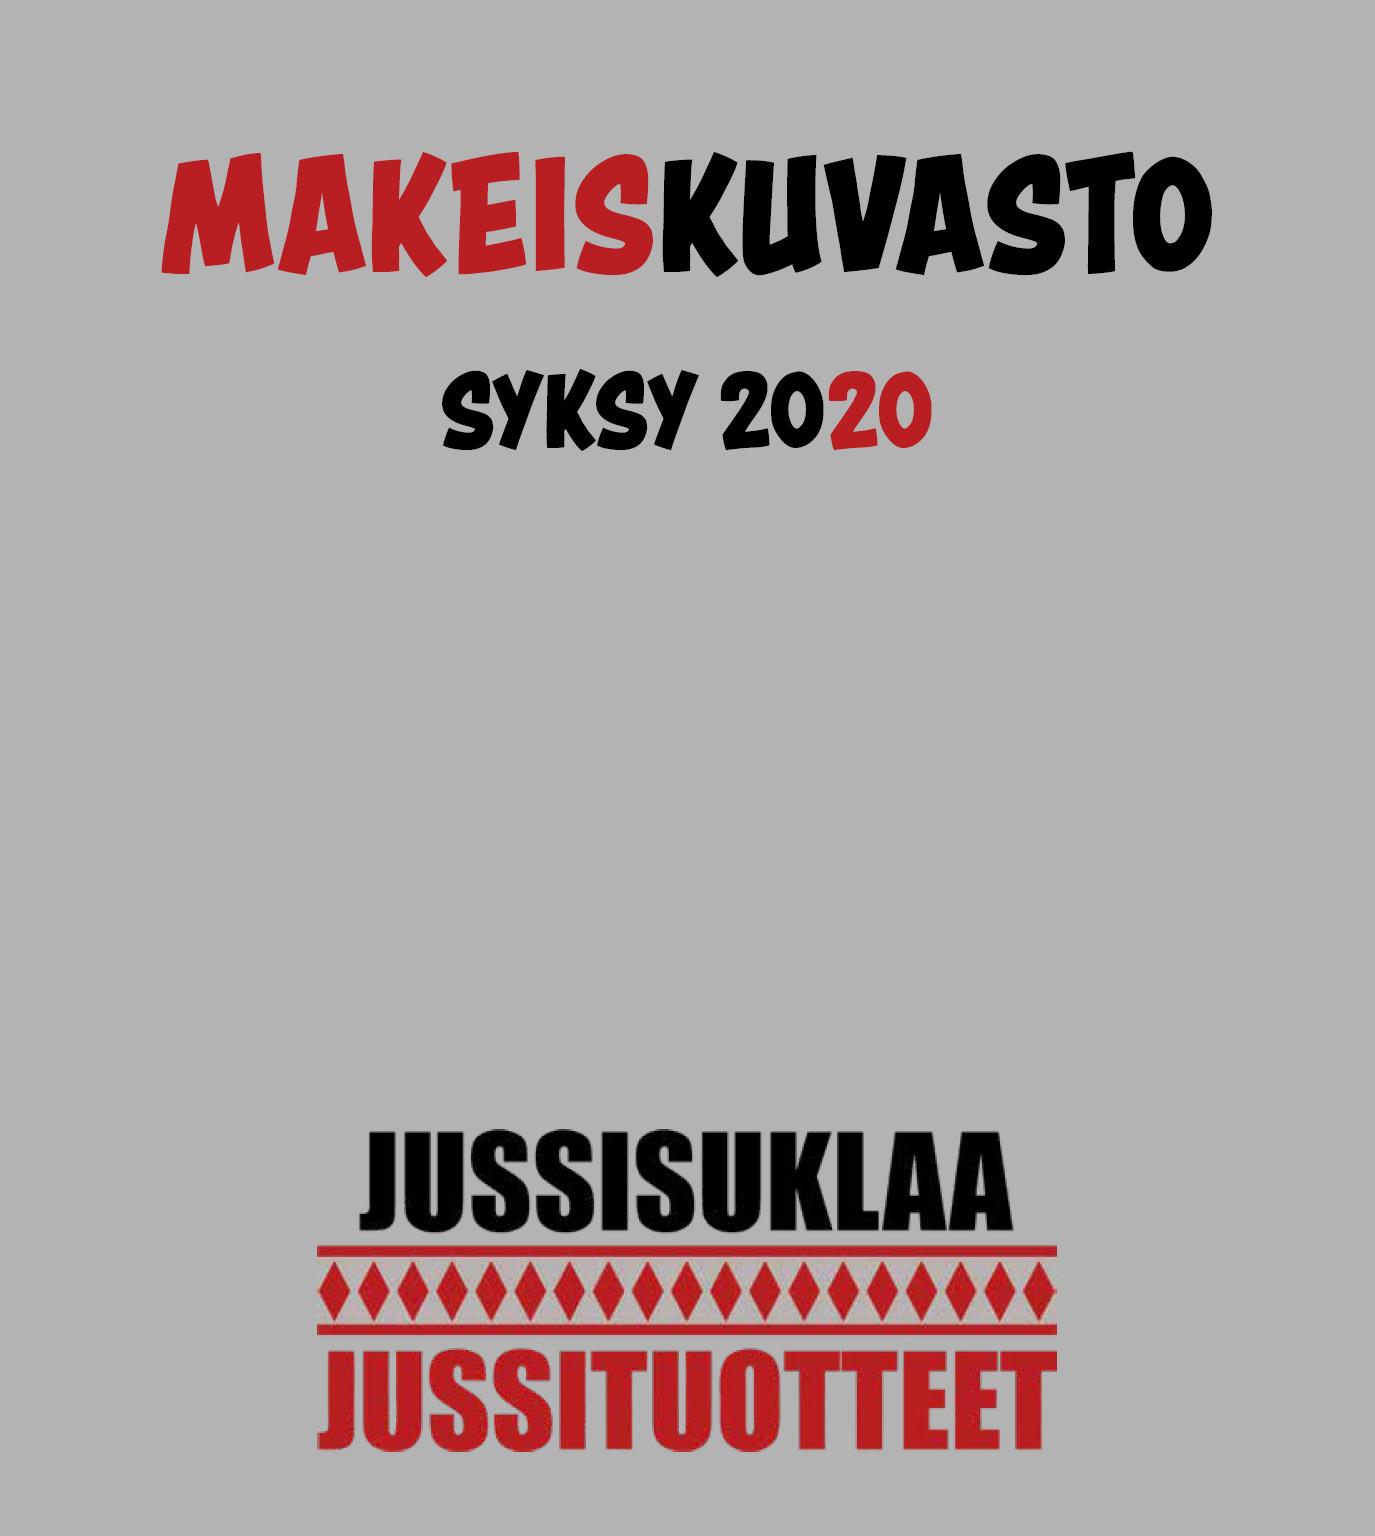 Syksyn 2020 makeiskuvasto